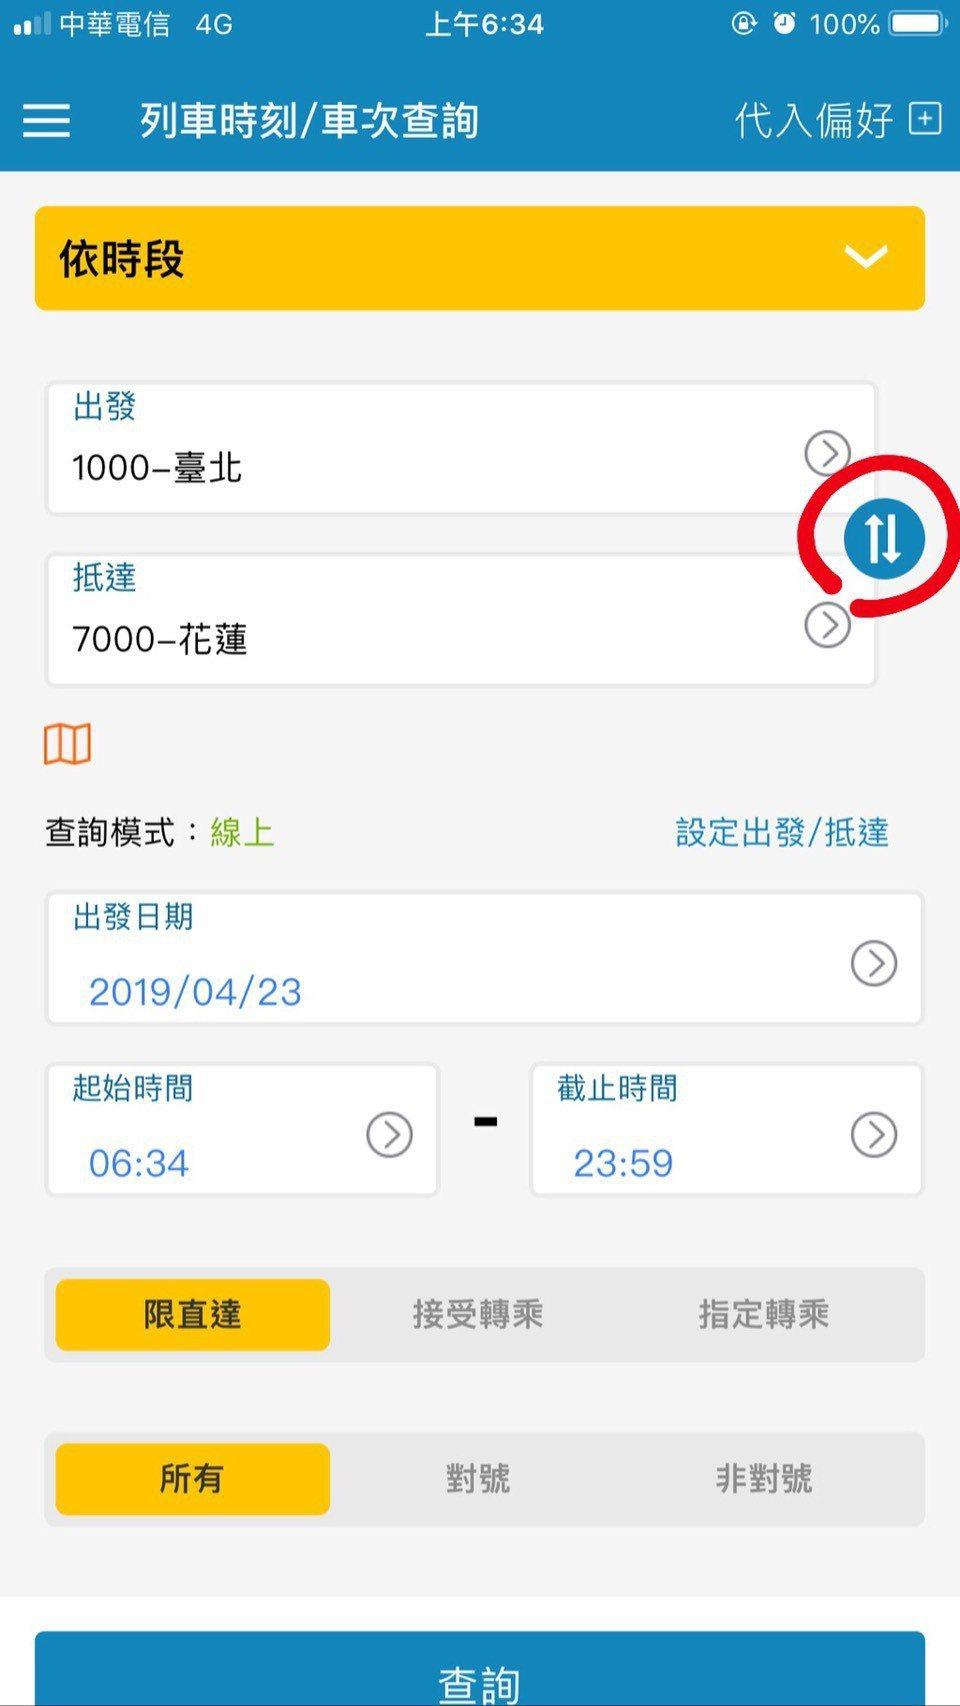 台鐵新App起訖站對換圖示從先前的圓圈改為箭頭,方便民眾辨認。圖/取自台鐵App